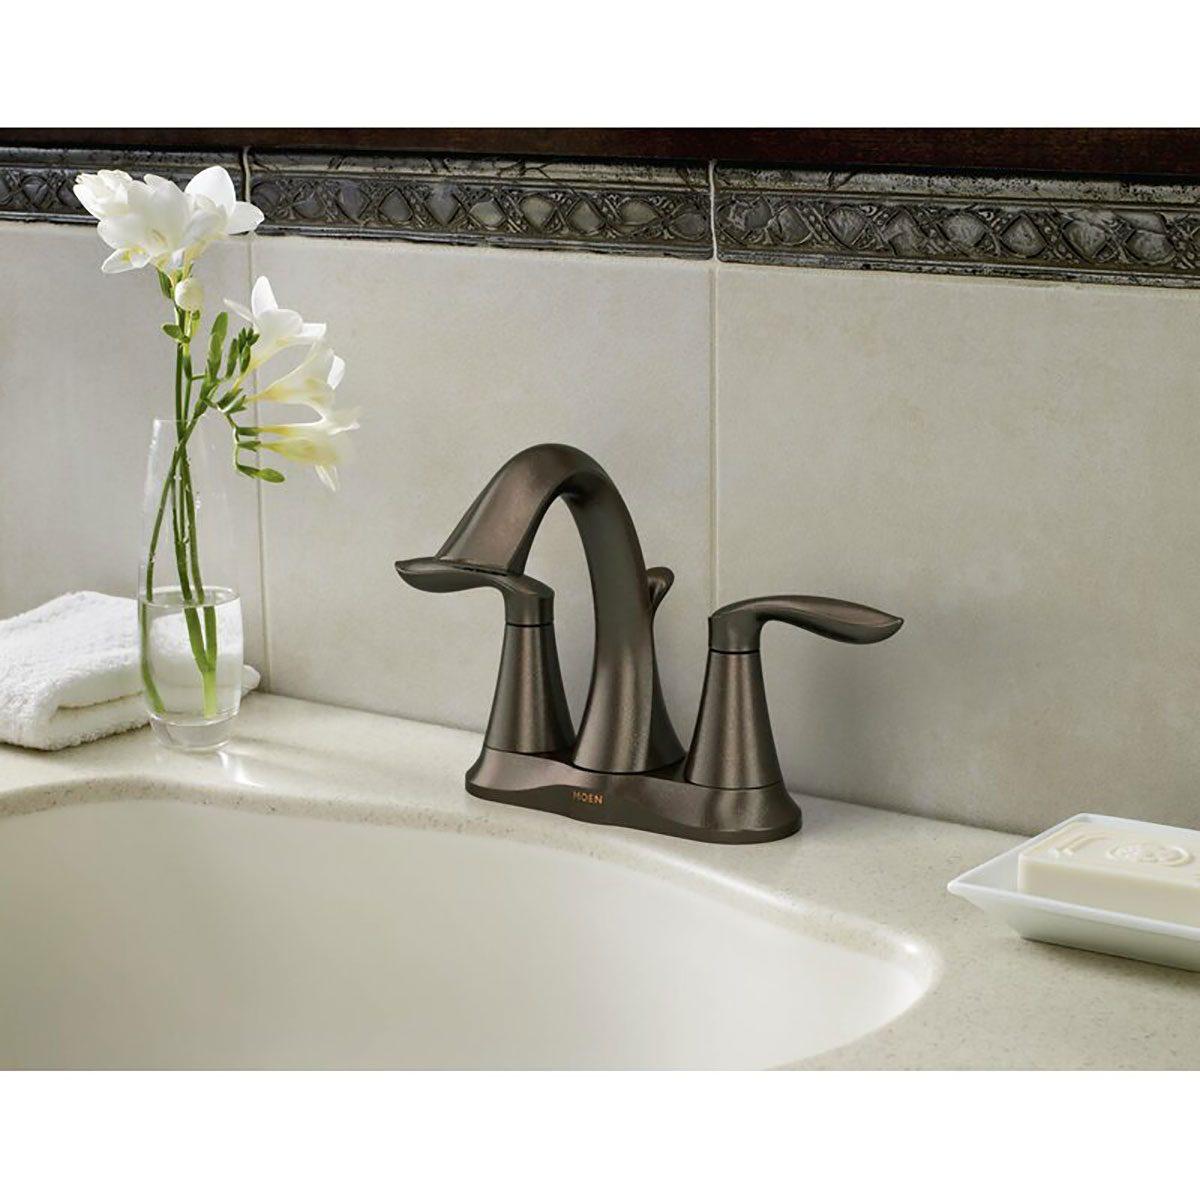 bathroom faucet moen